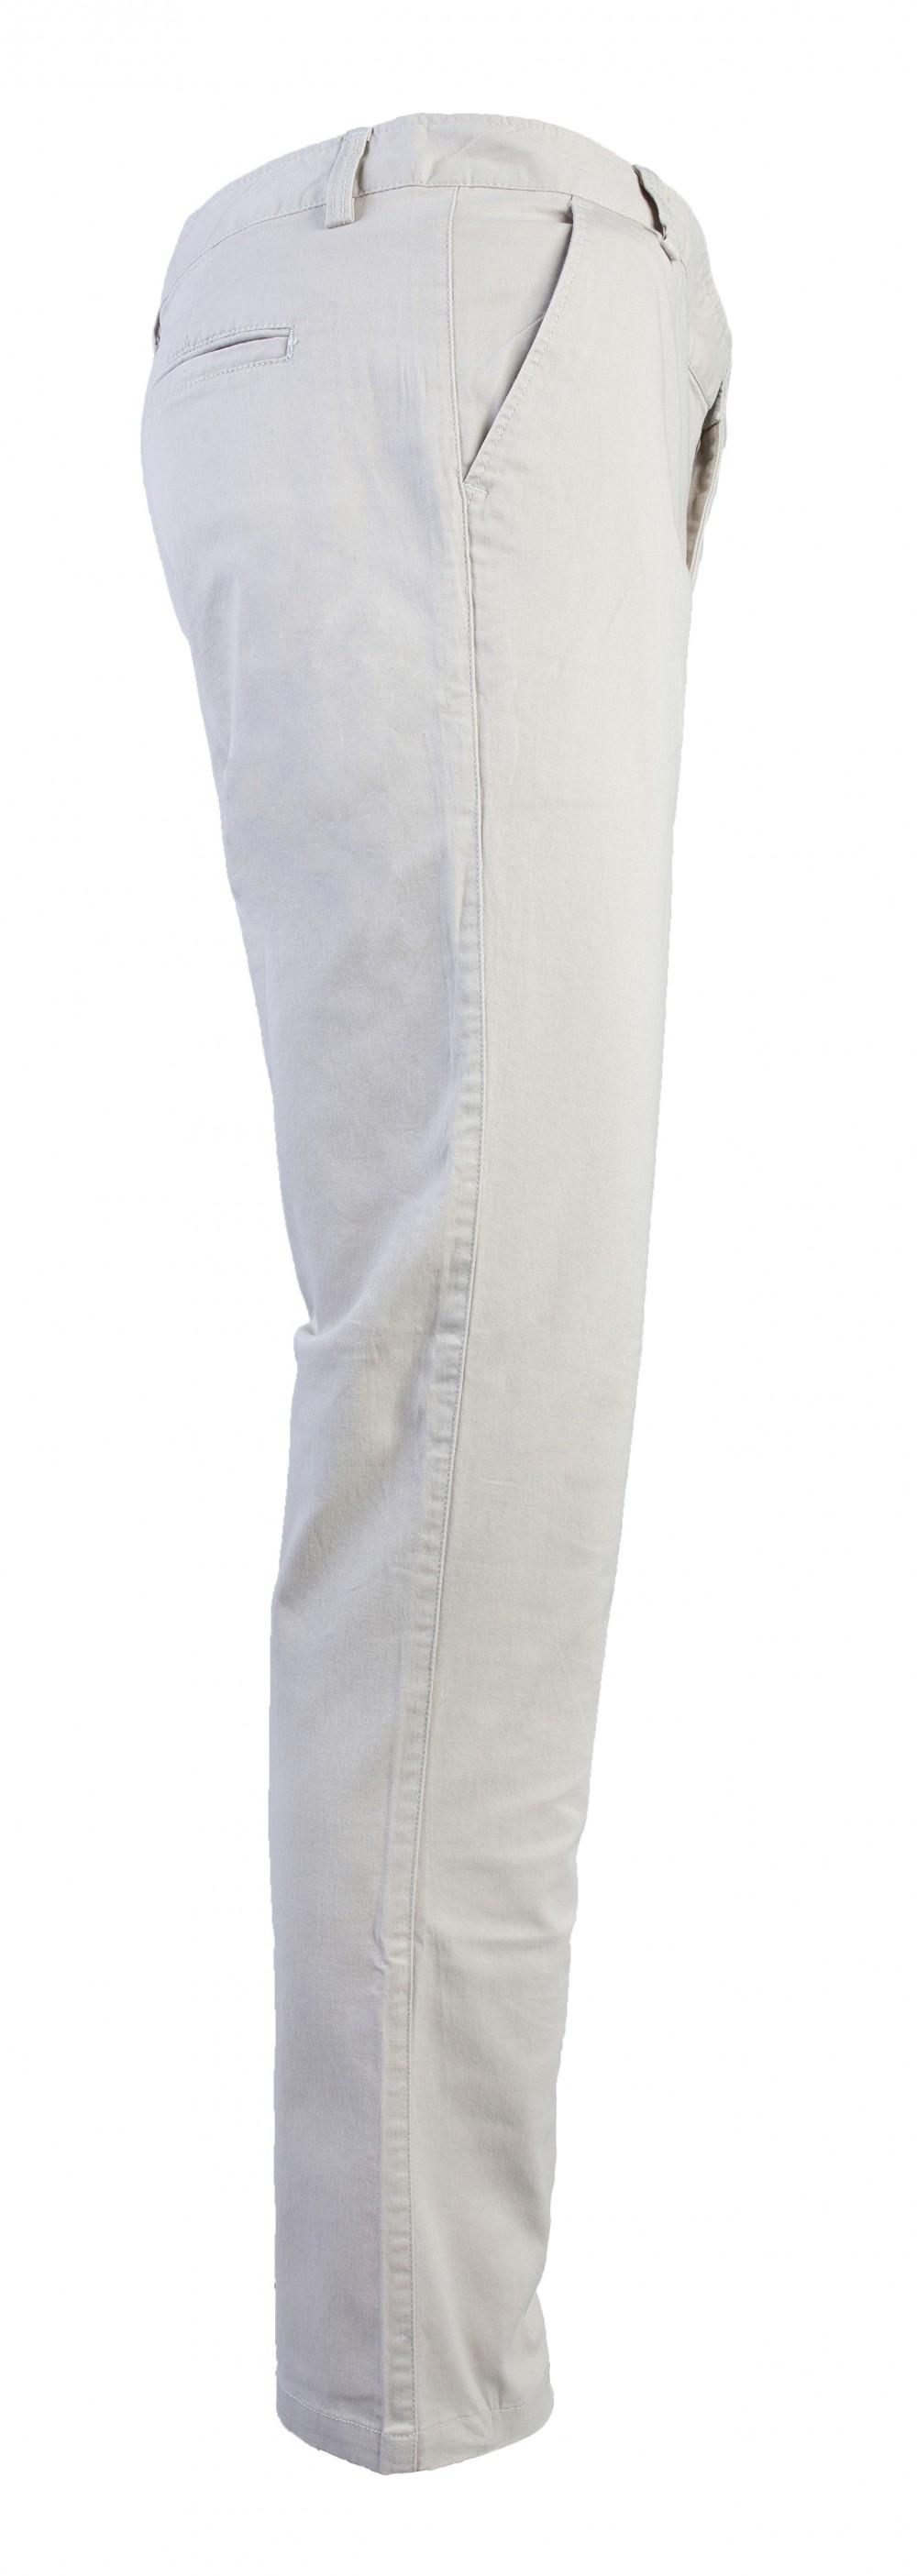 Quần kaki kem qk167 - 2